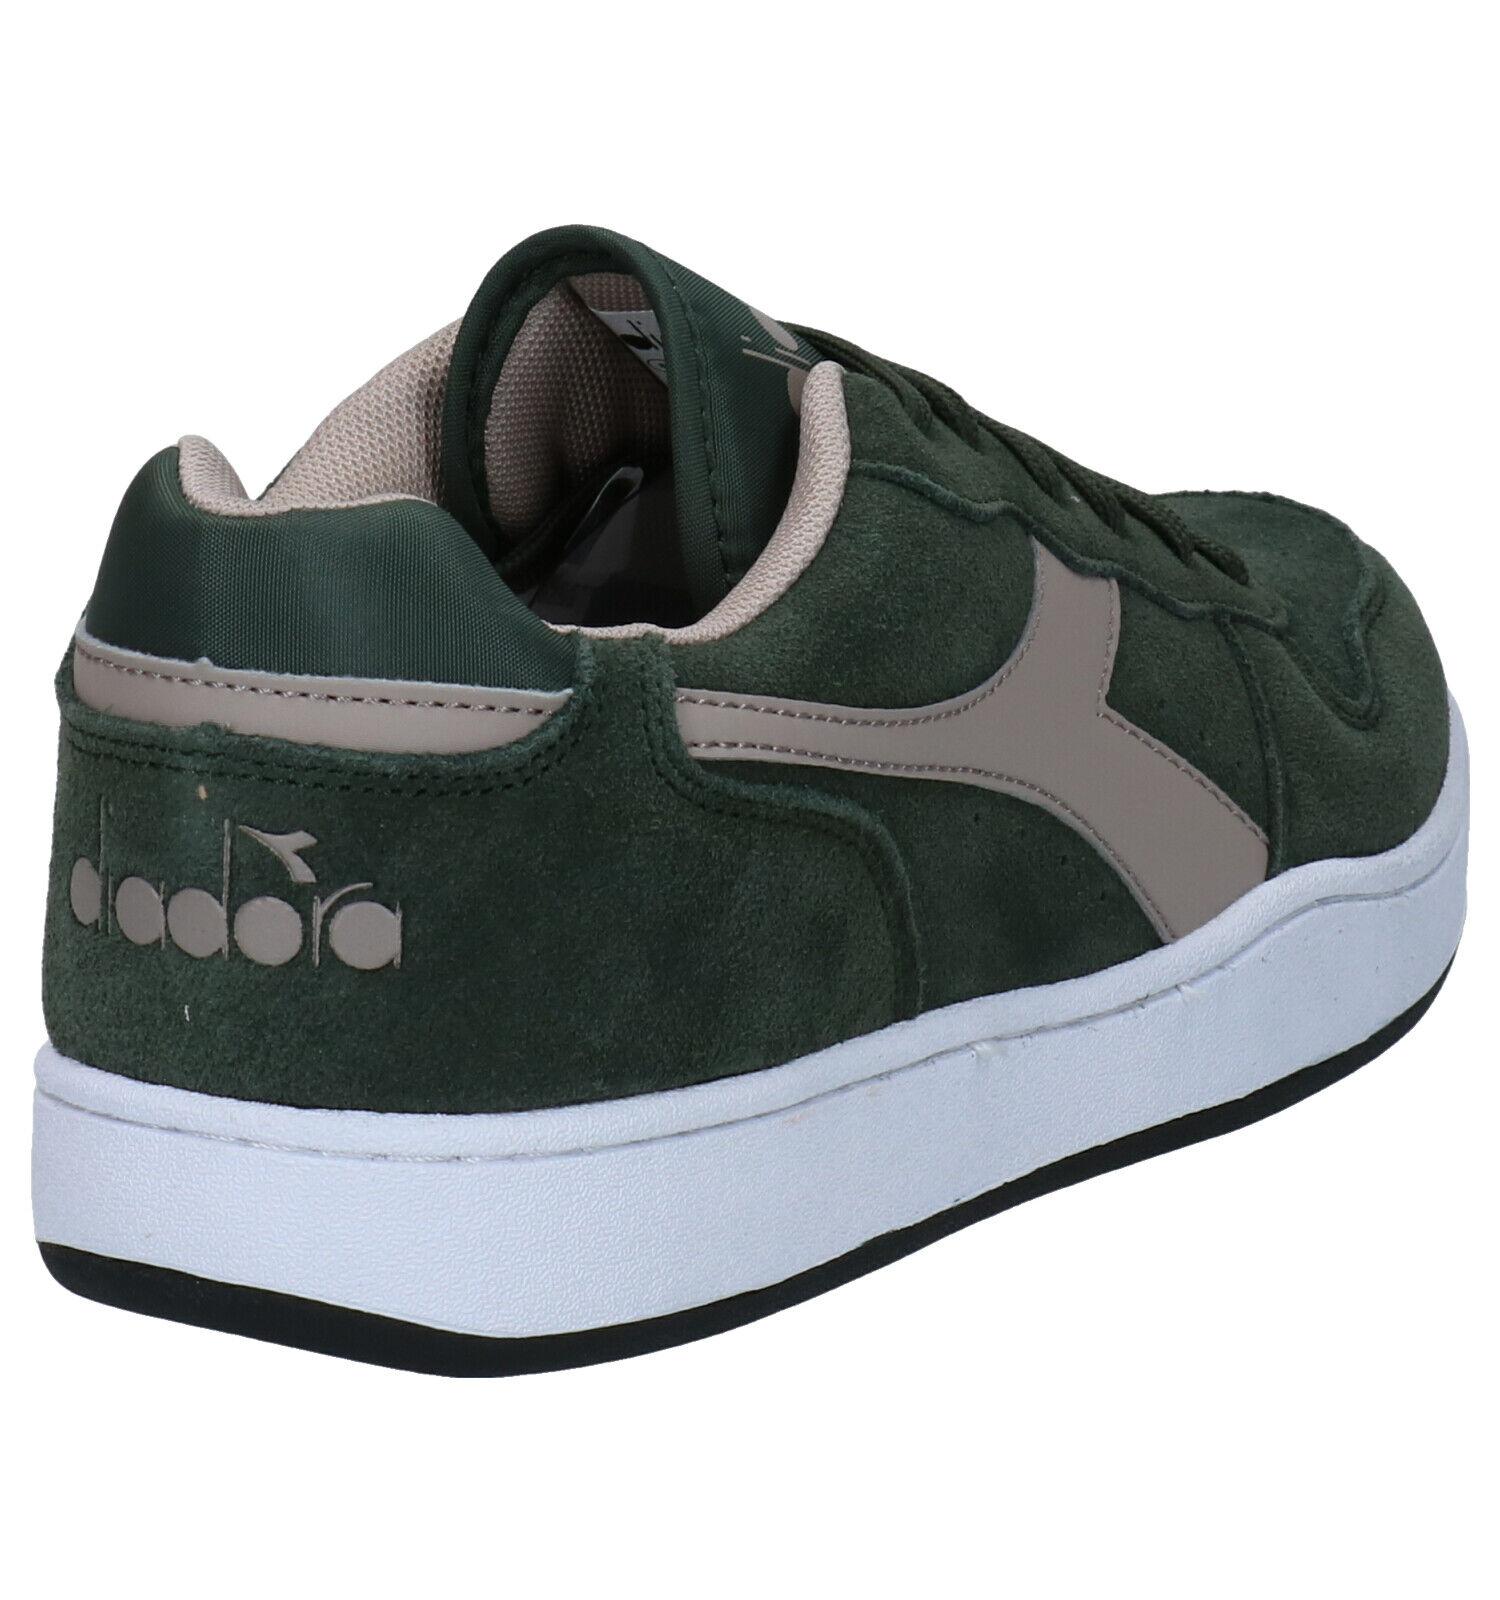 Diadora Playground Kaki Sneakers